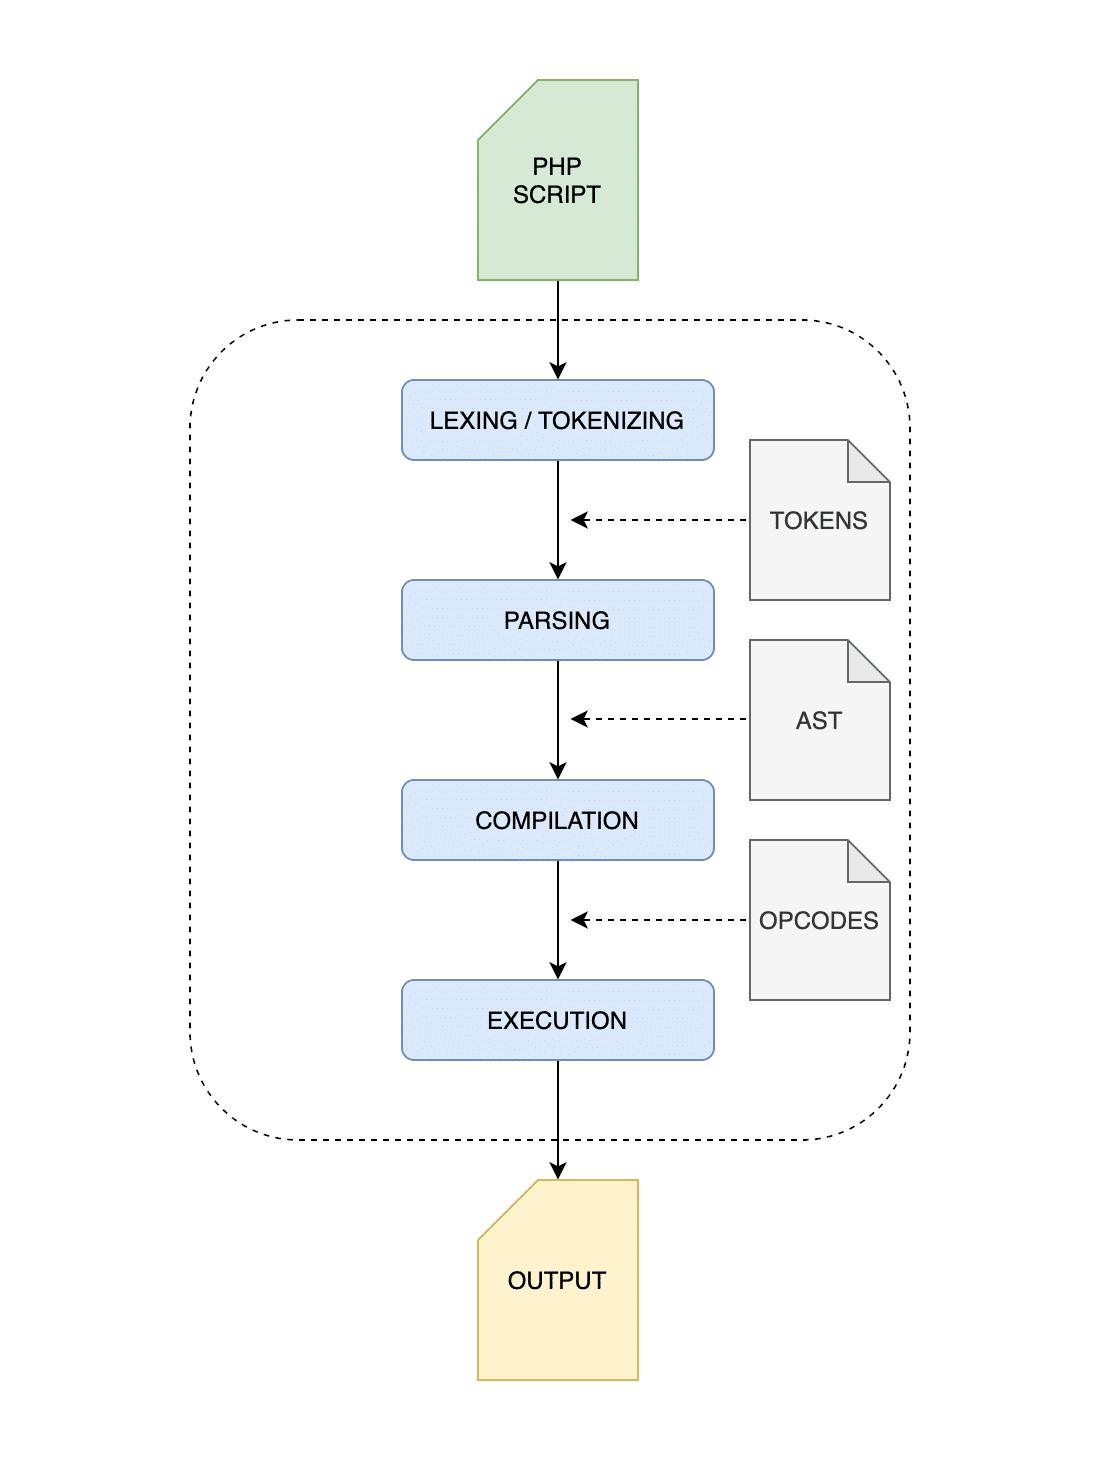 Proceso básico de ejecución de PHP